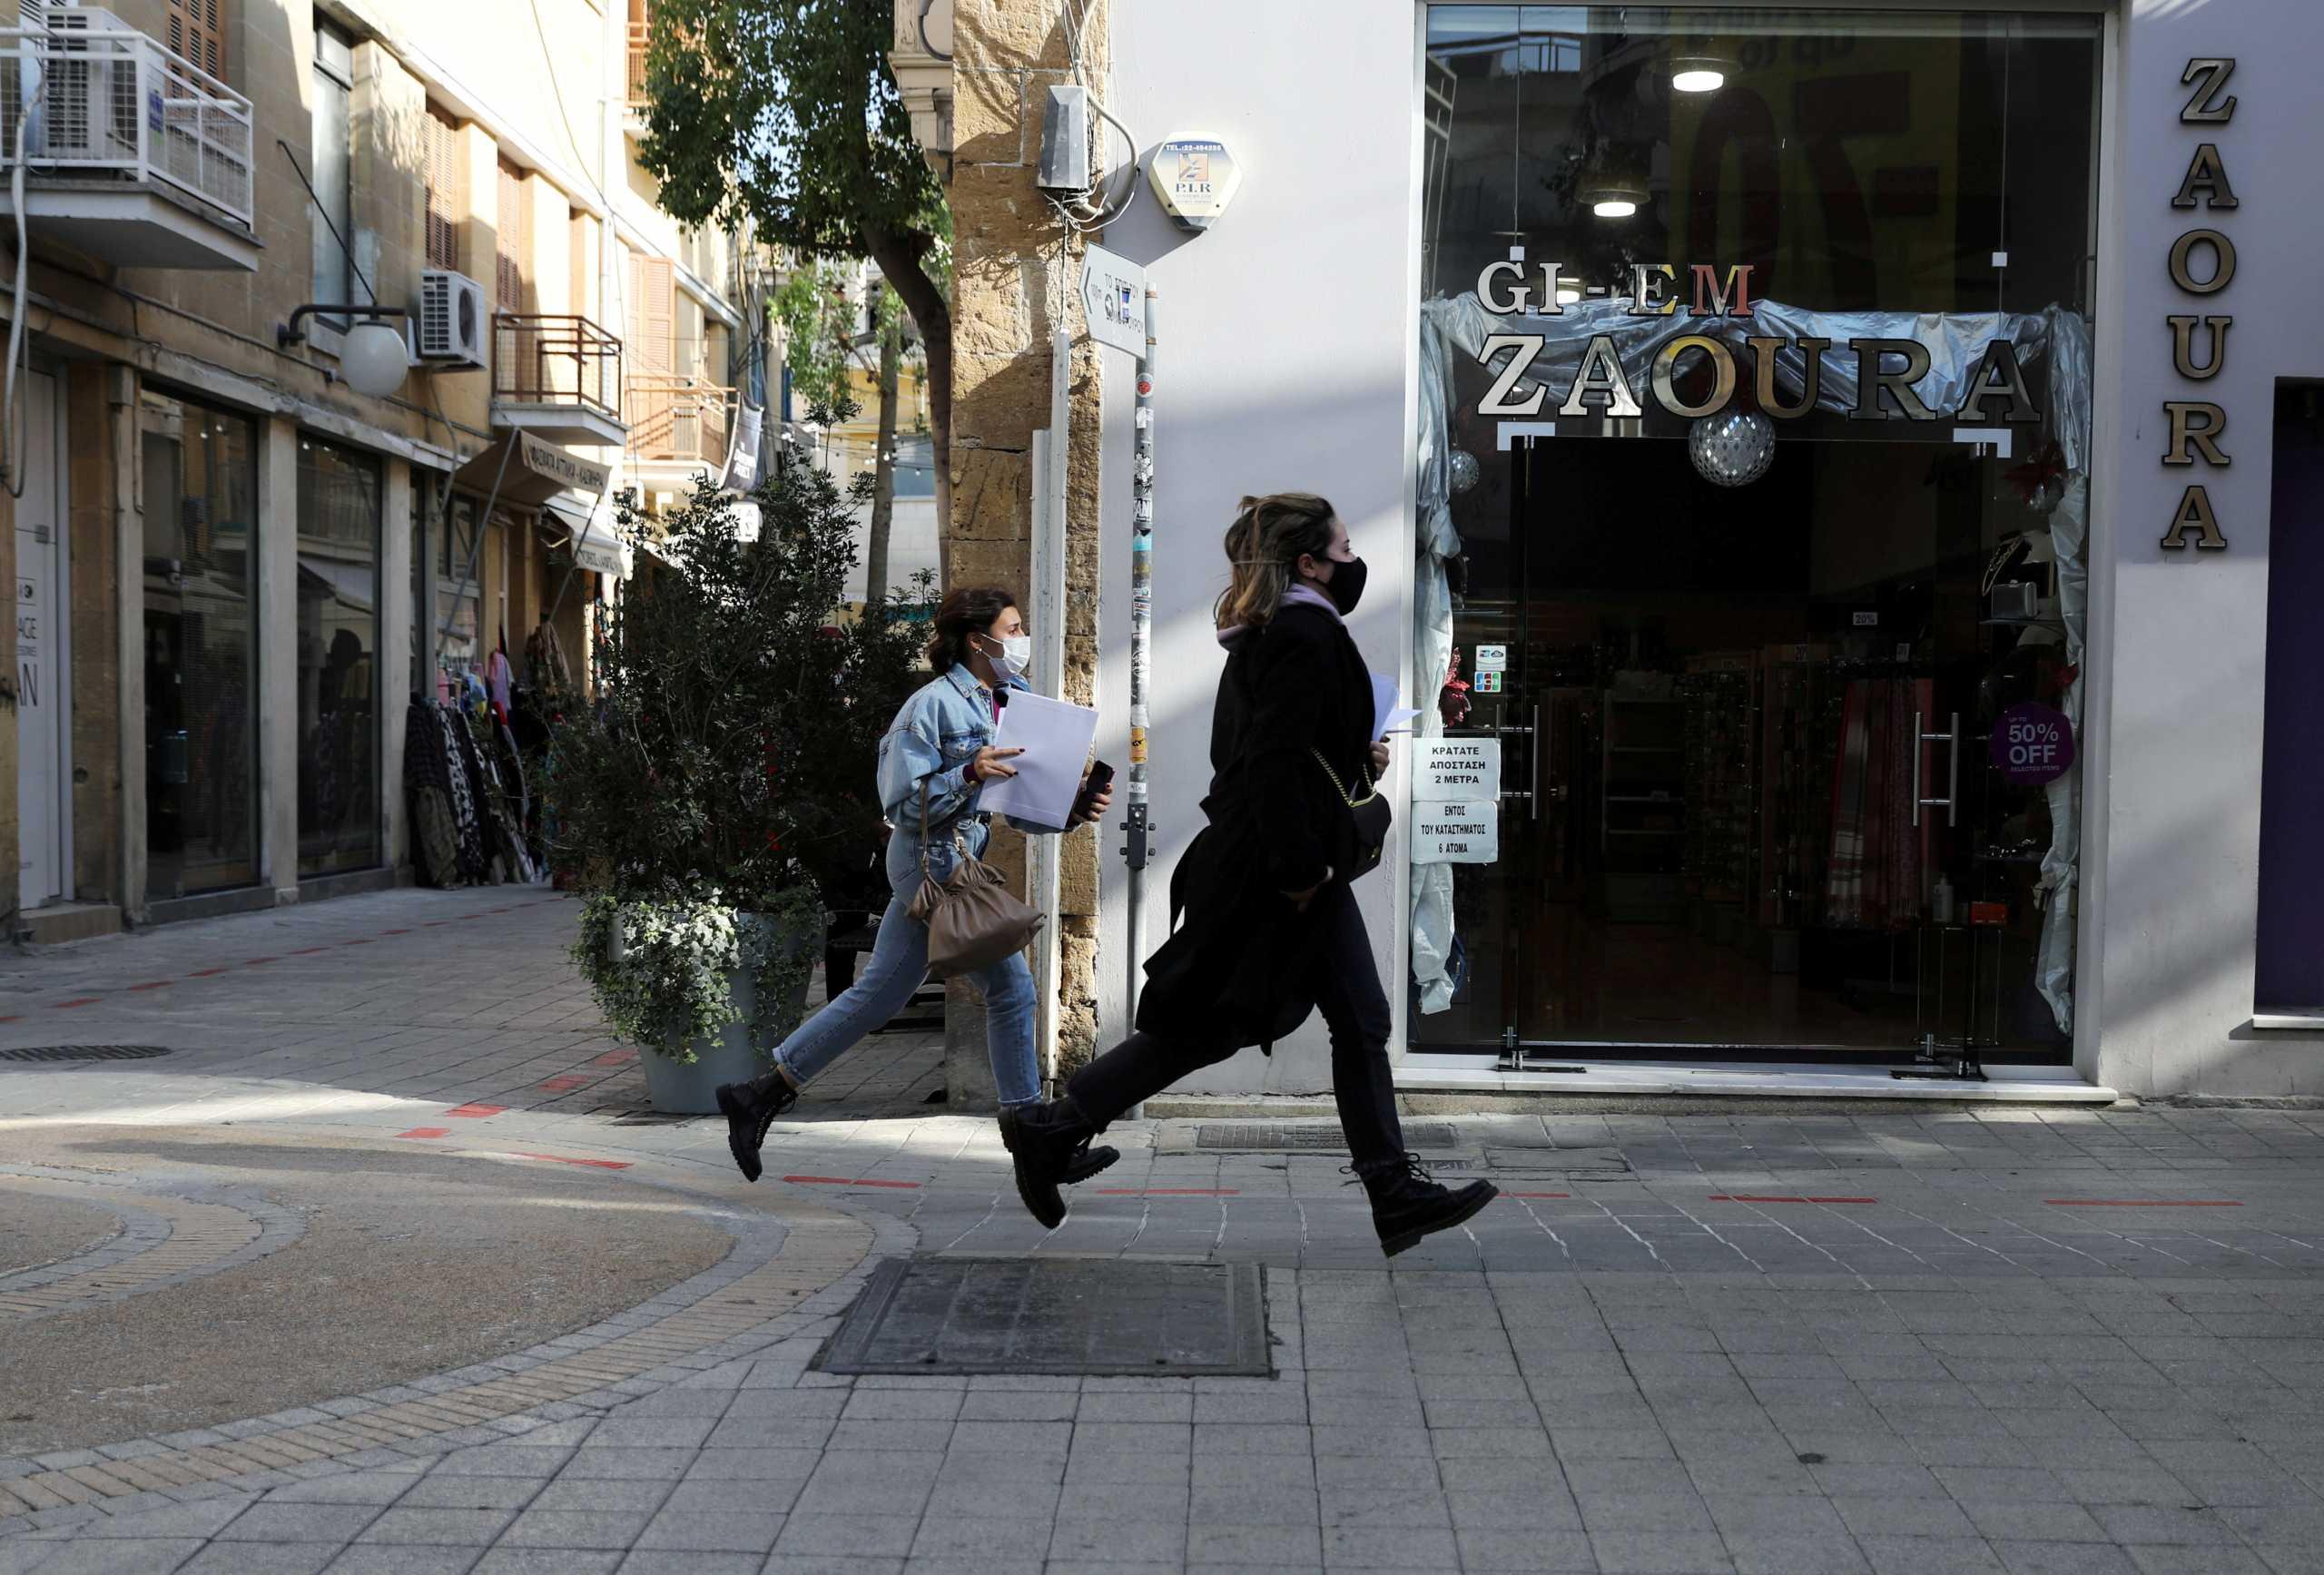 Κύπρος: 332 νέα κρούσματα κορονοϊού το τελευταίο 24ωρο